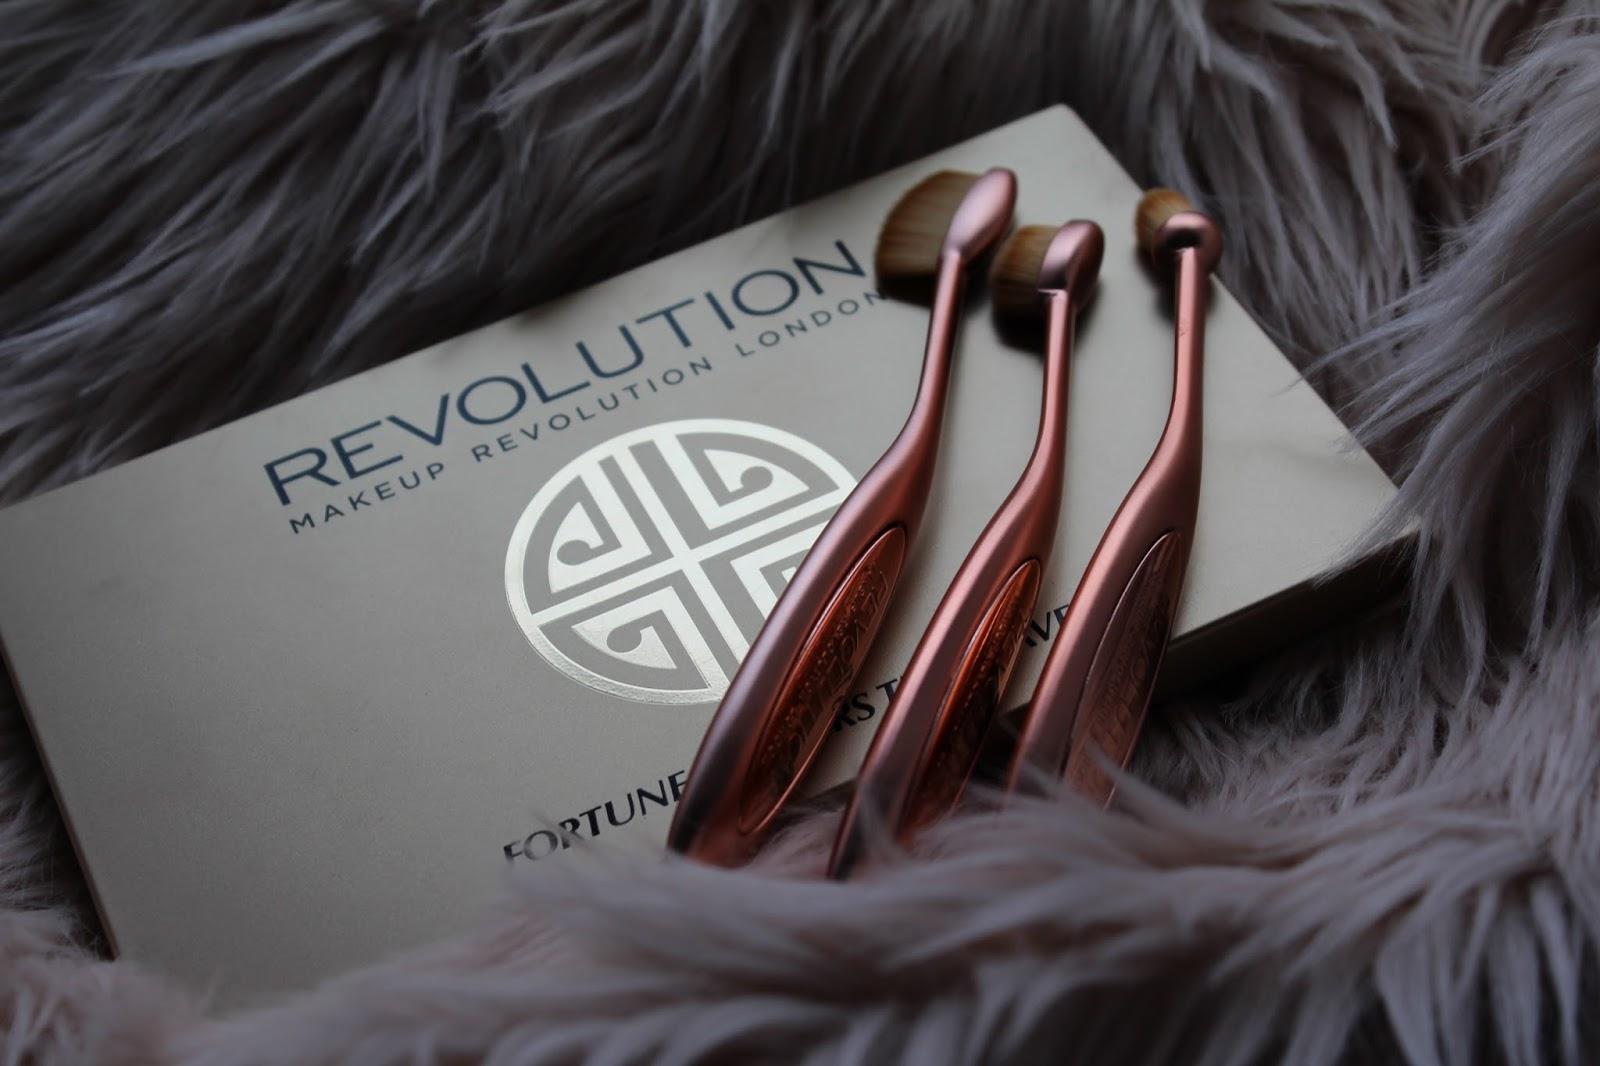 revolution_london_makeup_palette